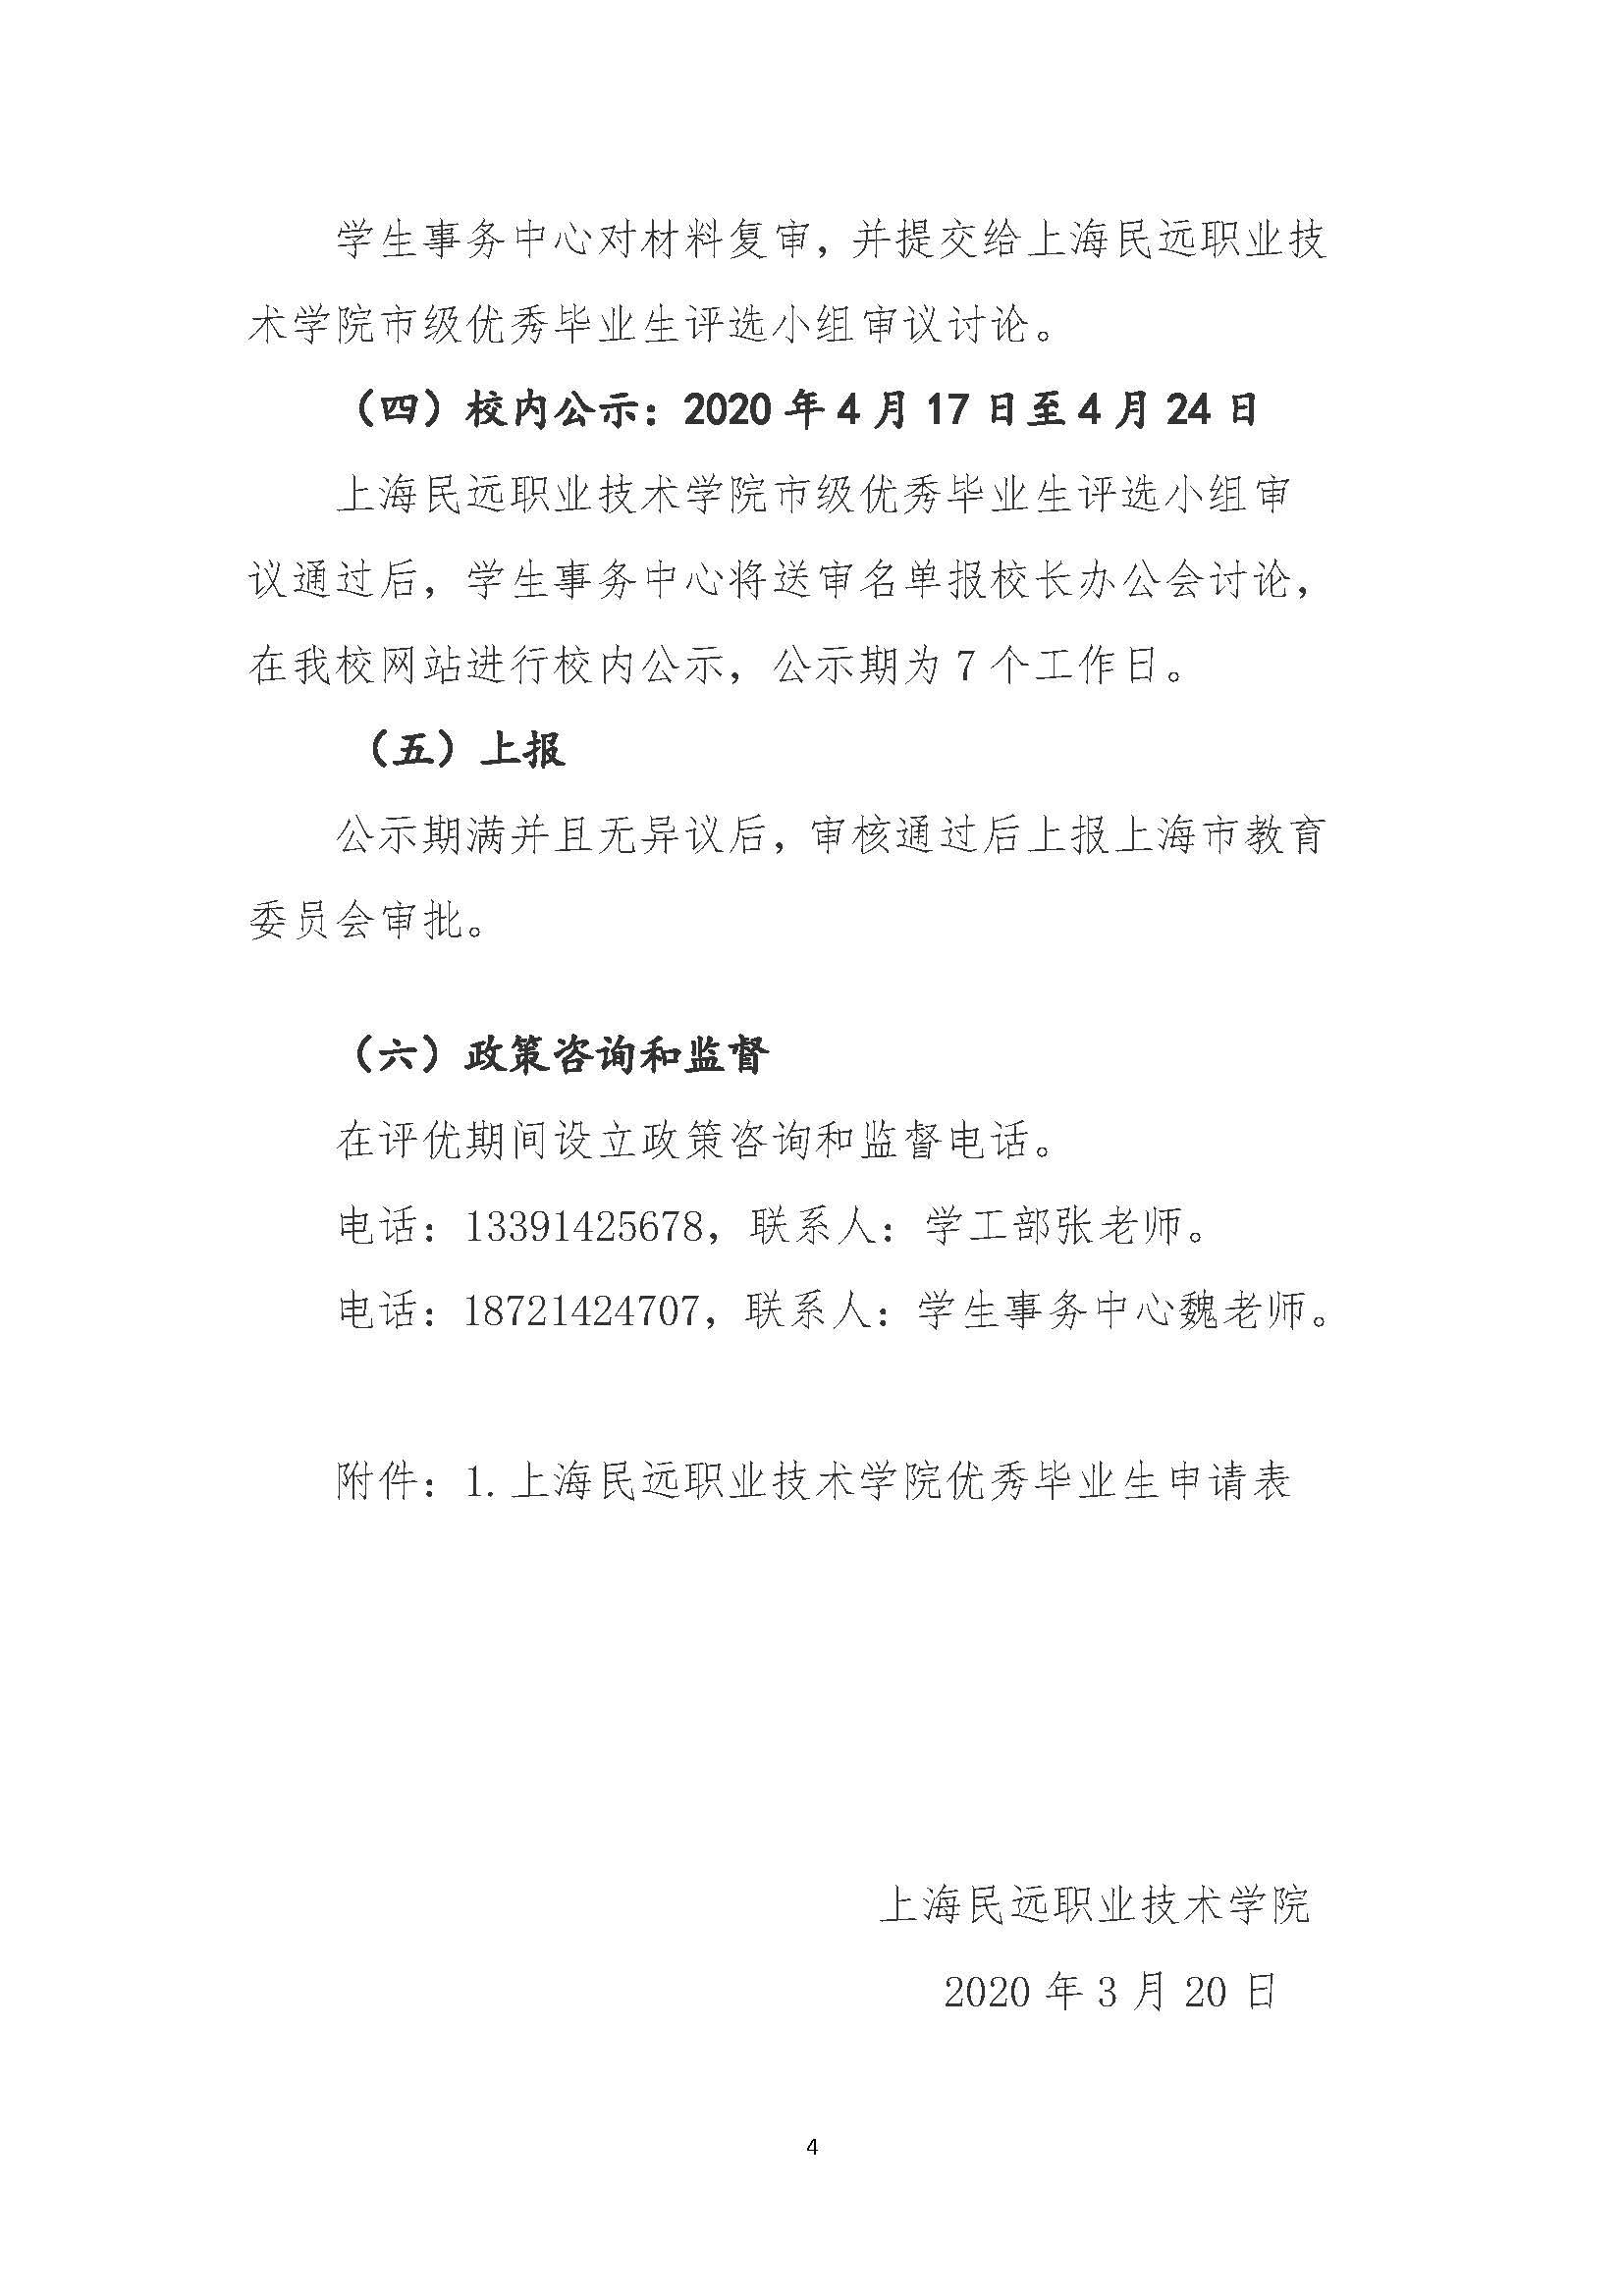 关于评选上海民远职业技术学院2020届上海市优秀毕业生及校优秀毕业生的通知(1)_Page_4.jpg